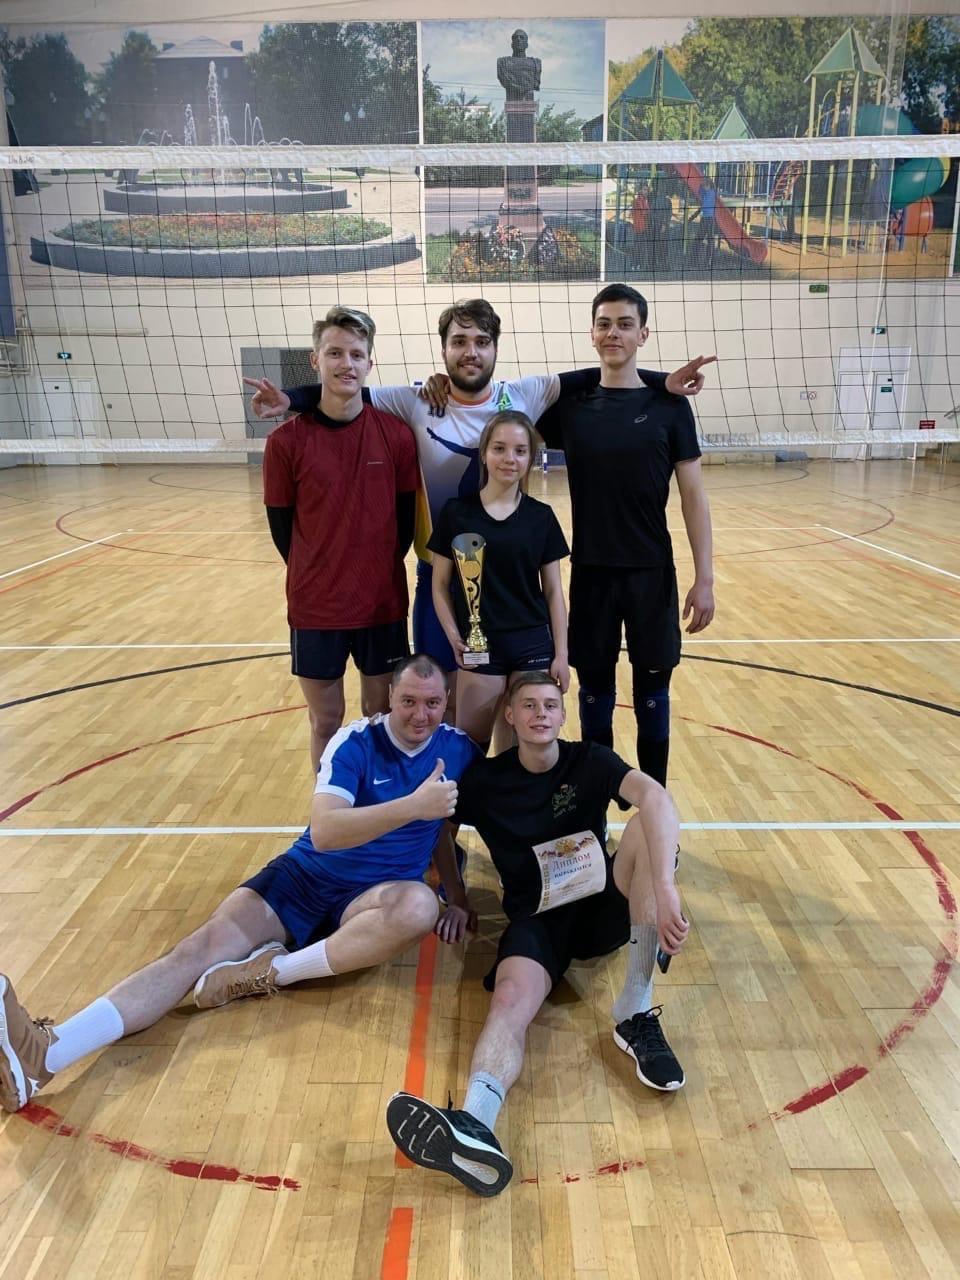 02 мая в универсальном зале МУ «СЦ им. А.Гринина» состоялись финальные игры Первенства г. Озеры по волейболу.